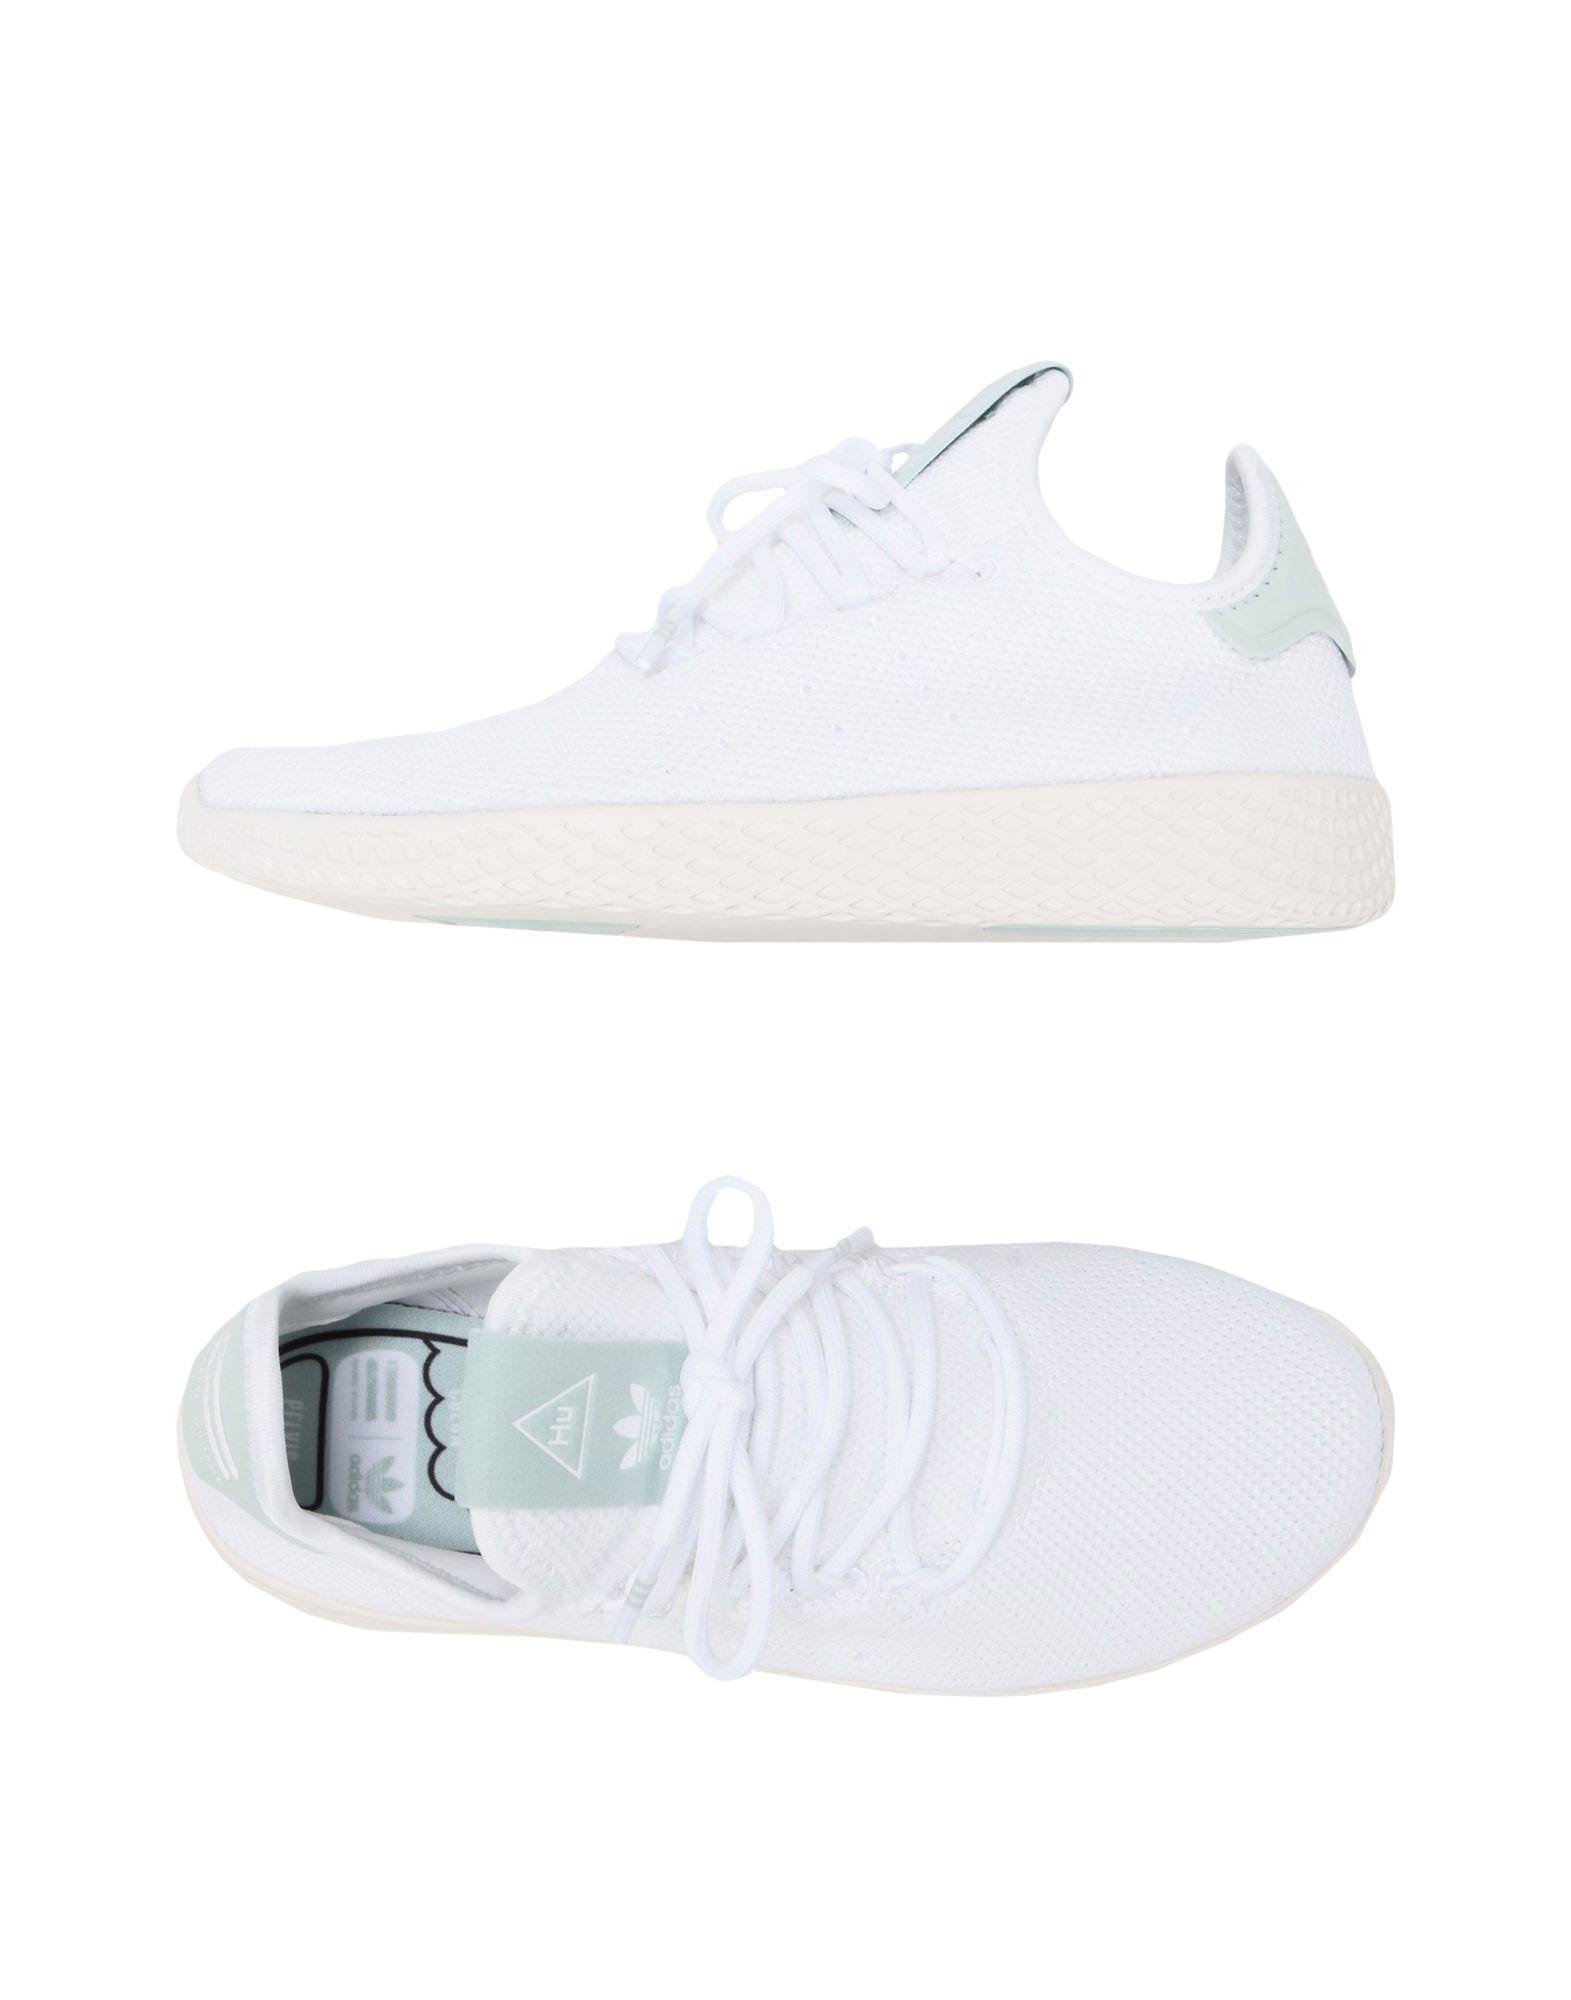 Blanco Zapatillas Adidas Originals By Pharrell Williams Williams Williams Pw Tnis Hu - Mujer - Zapatillas Adidas Originals By Pharrell Williams Recortes de precios estacionales, beneficios de descuento c99292